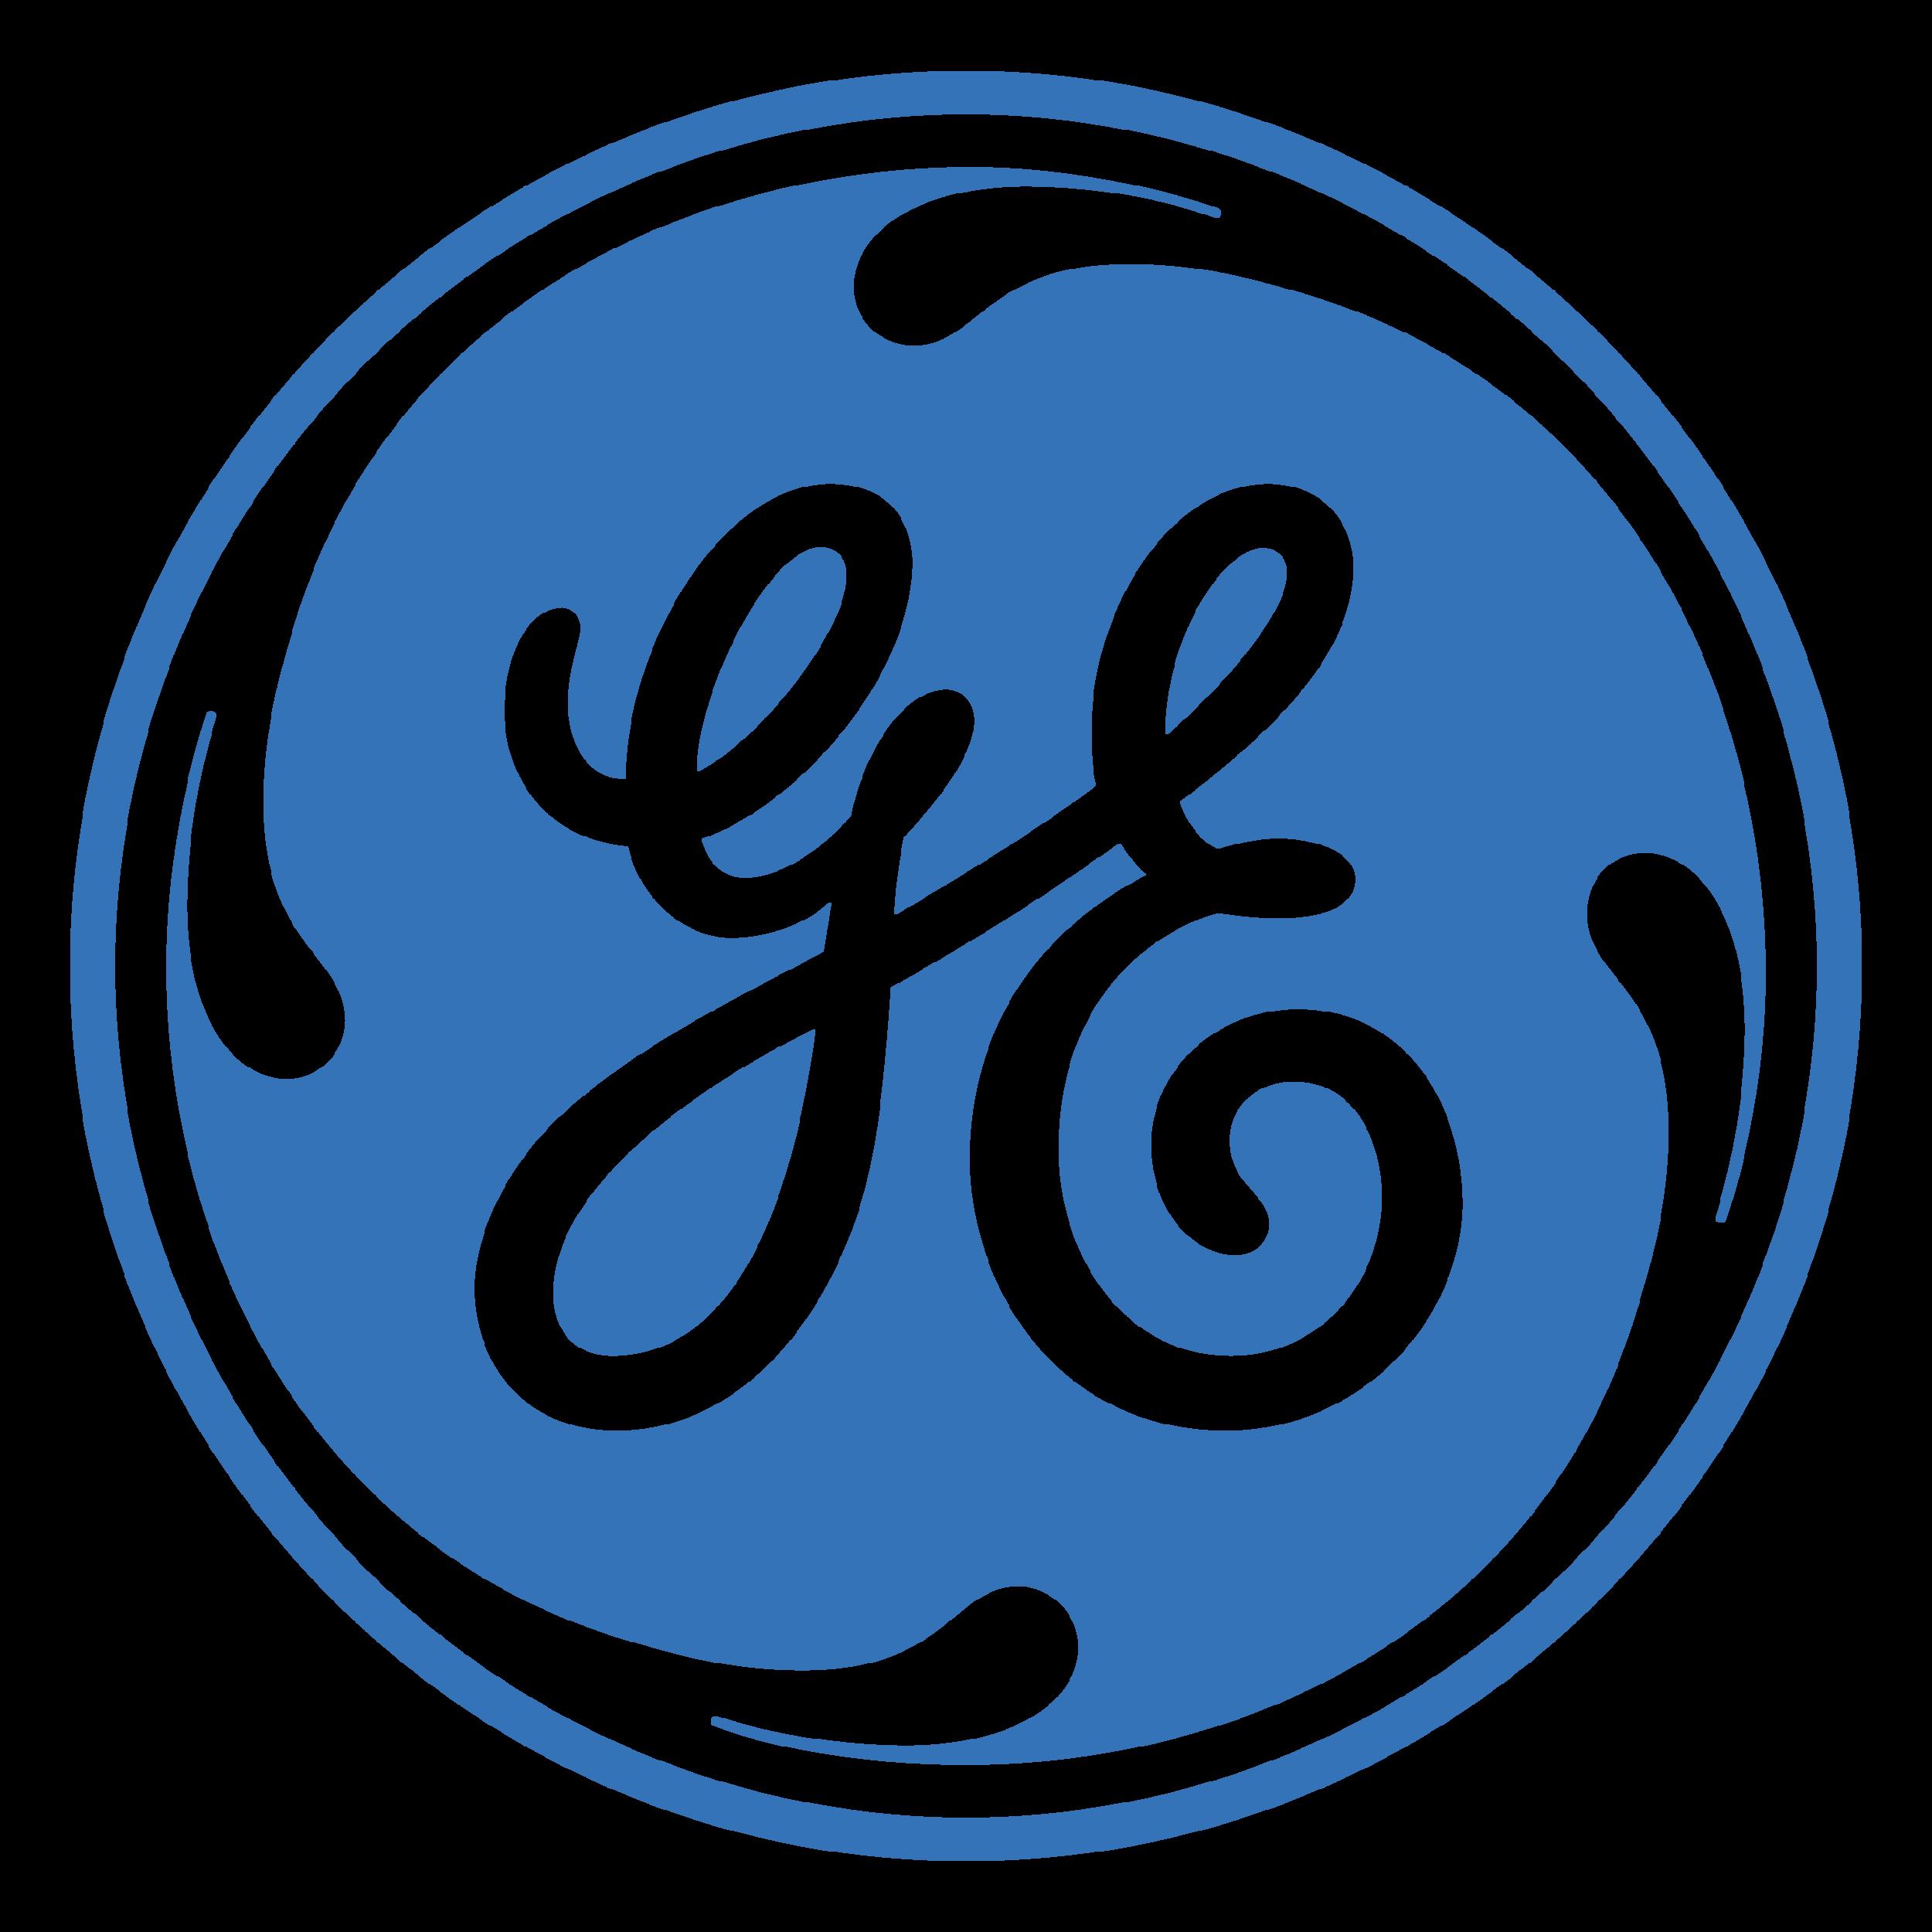 PNGPIX-COM-GE-Logo-PNG-Transparent 2.png